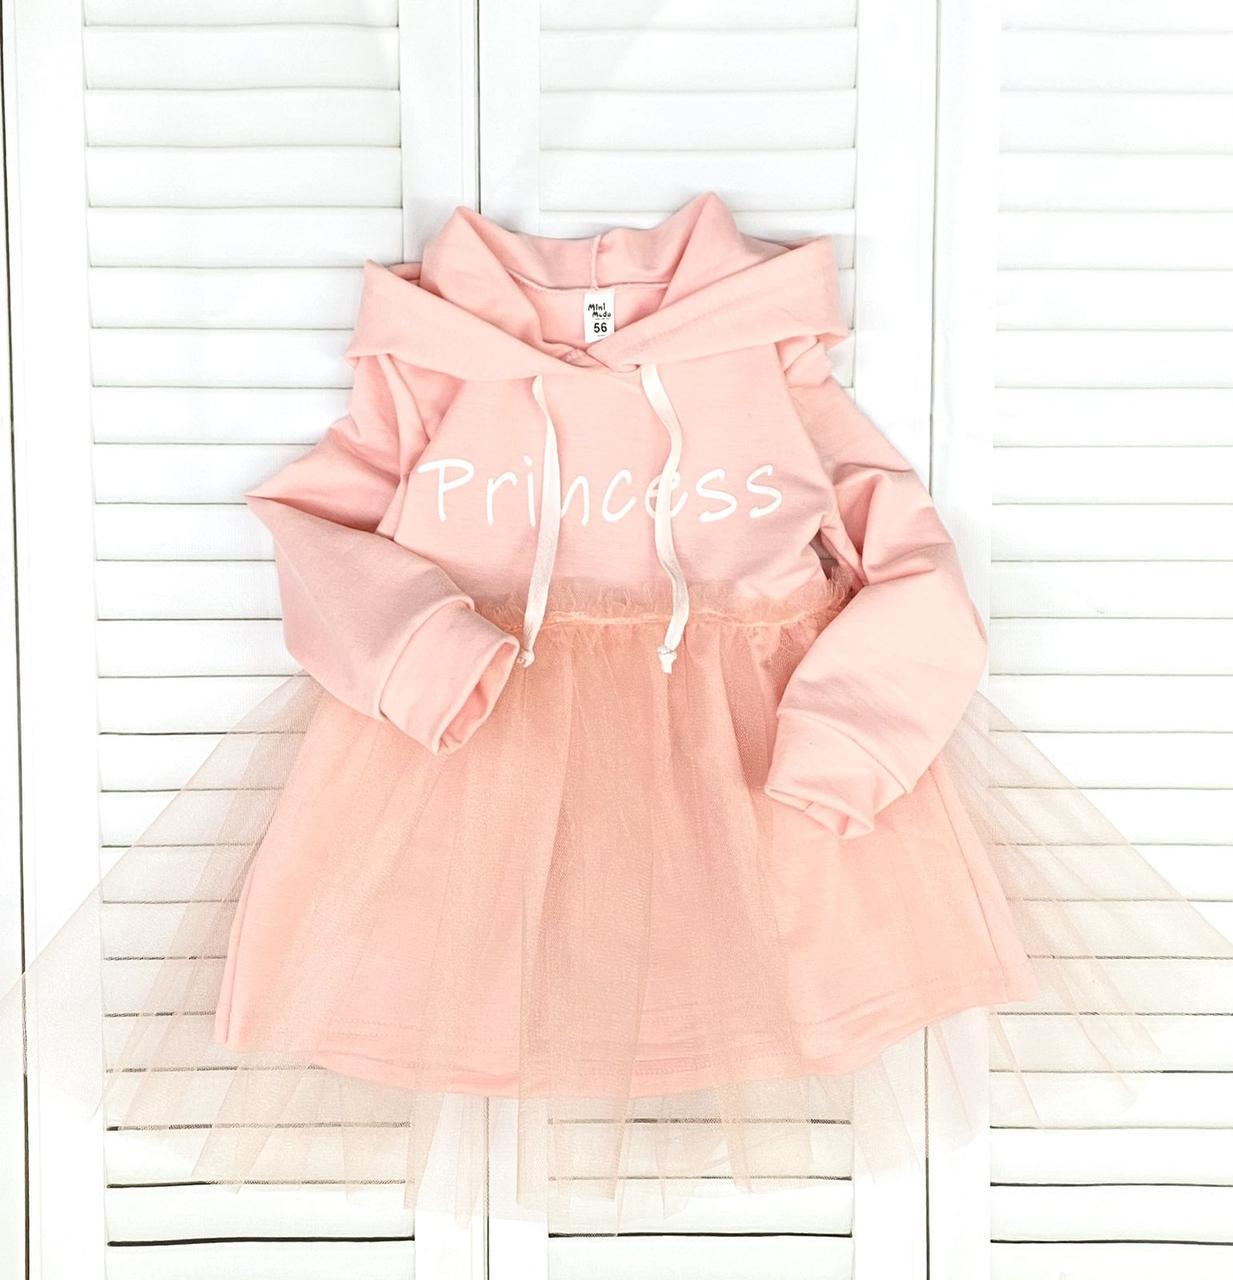 """Плаття для дівчинки """"Принцеса"""", двунить, на ріст від 80 до 116 см росту"""